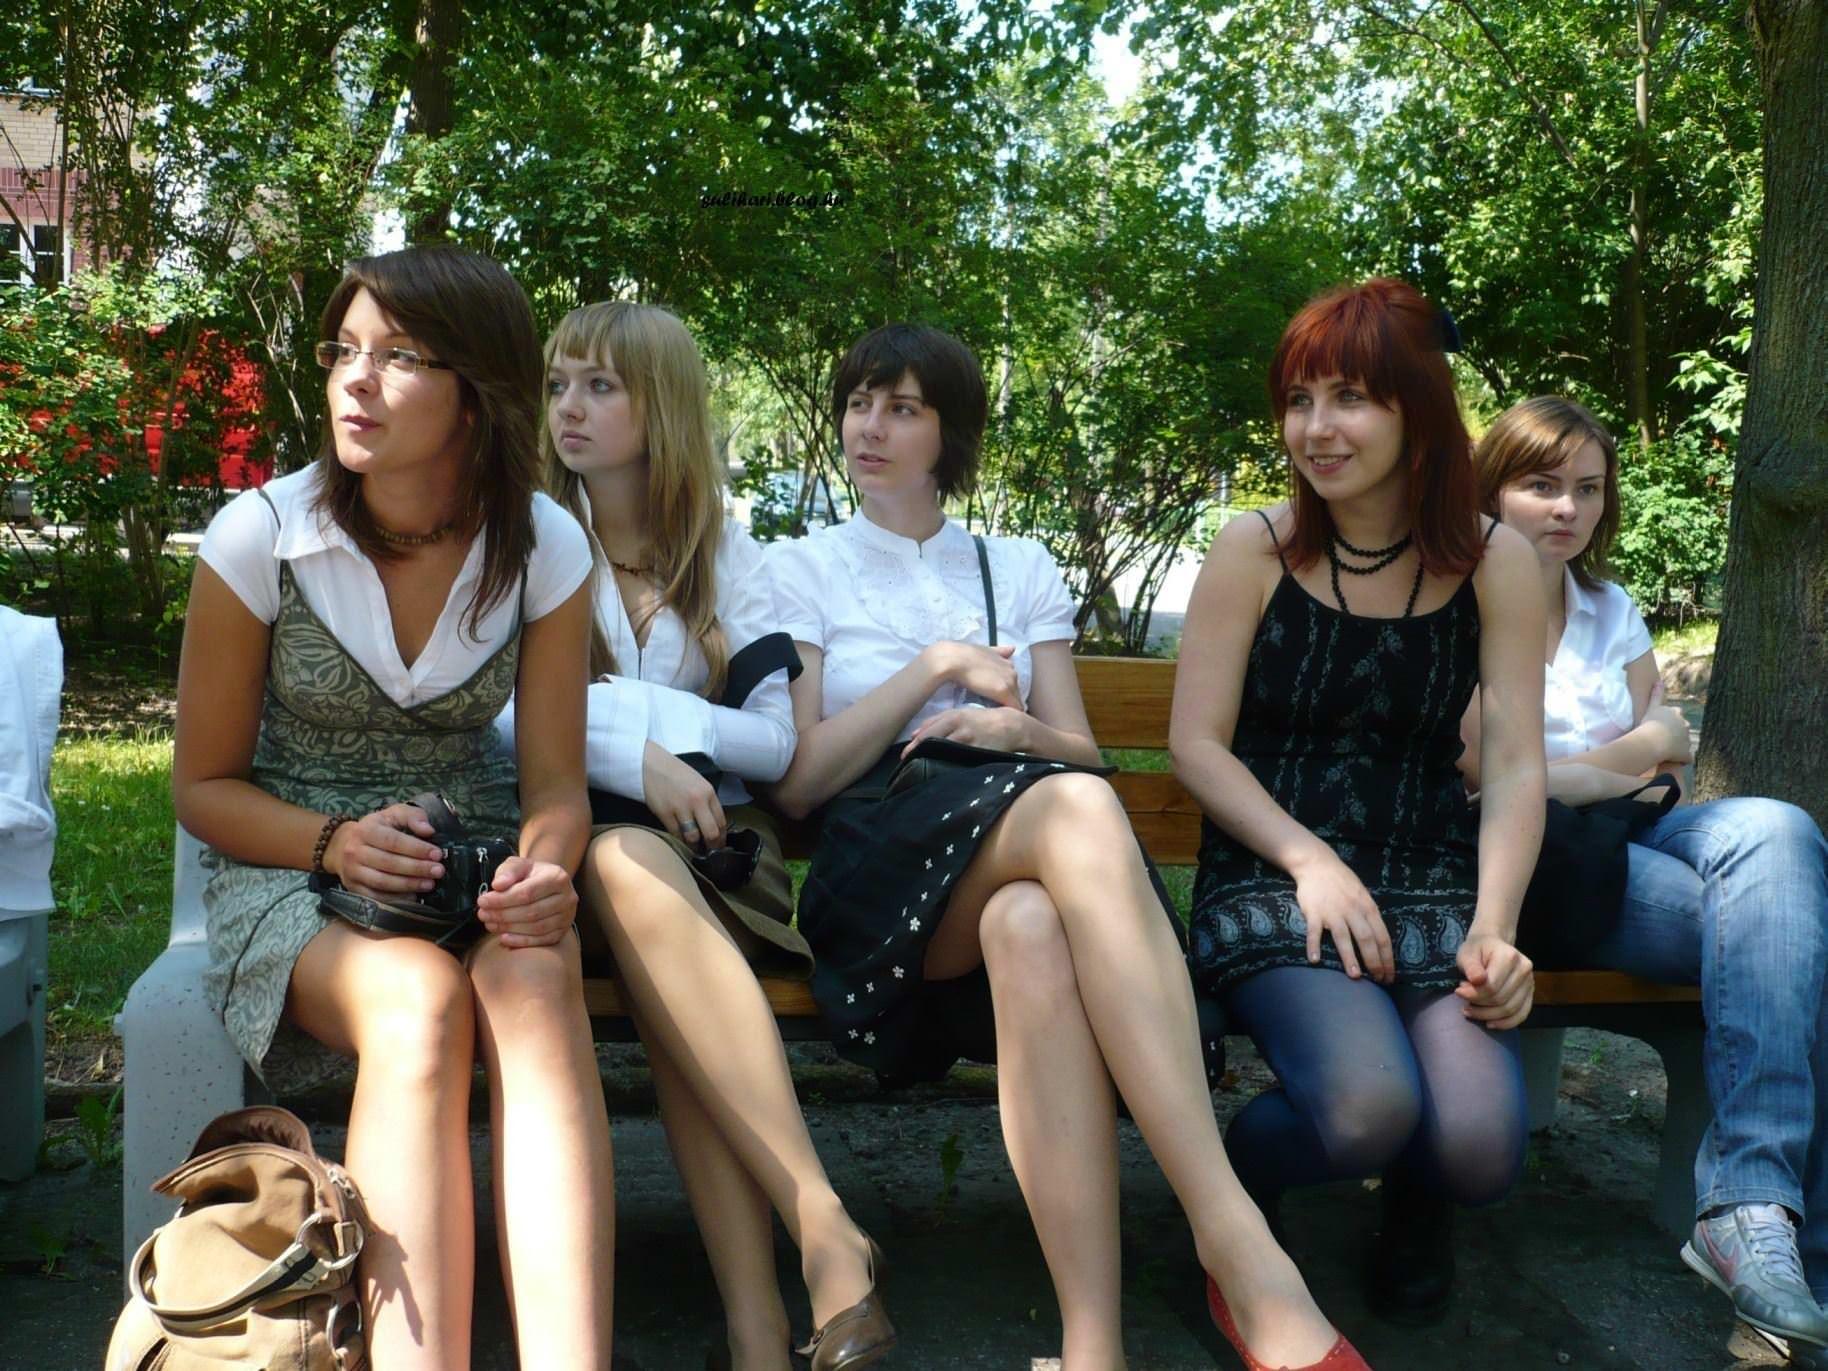 【外人】ロシア人の学生たちがめっちゃ可愛くて大人っぽい制服ポルノ画像 15154